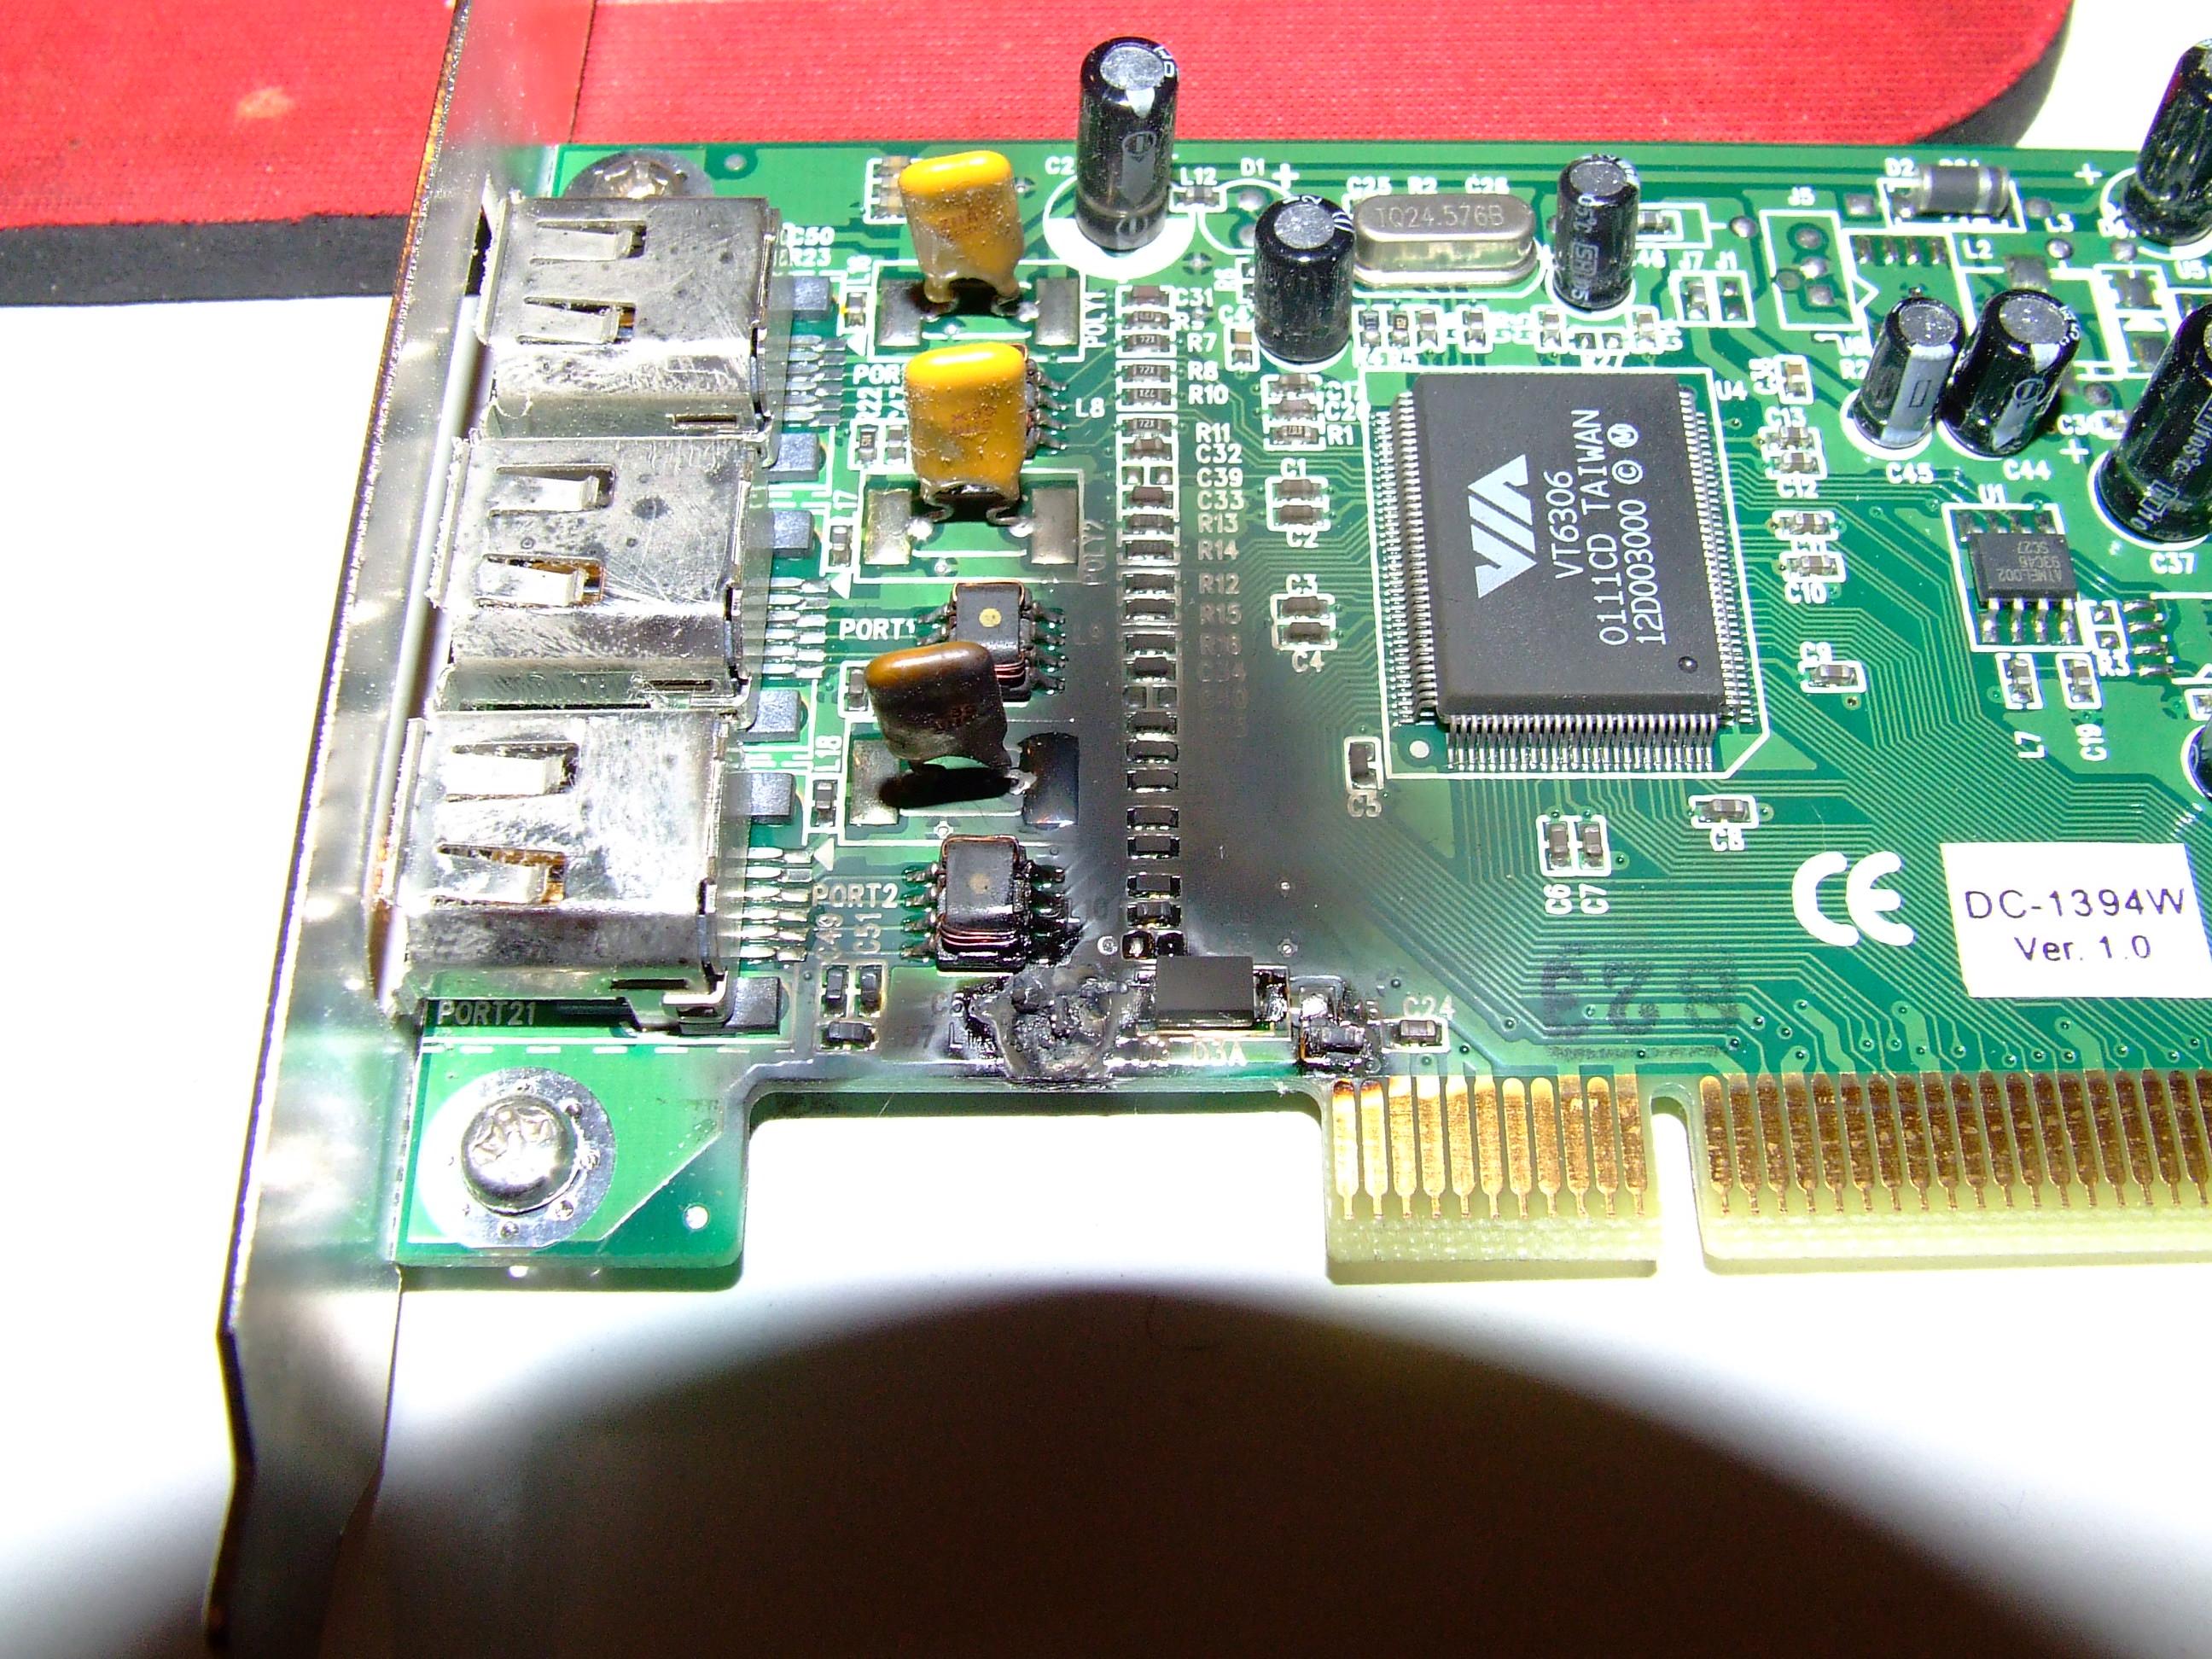 http://archiv.rme-audio.de/images/fw1.jpg